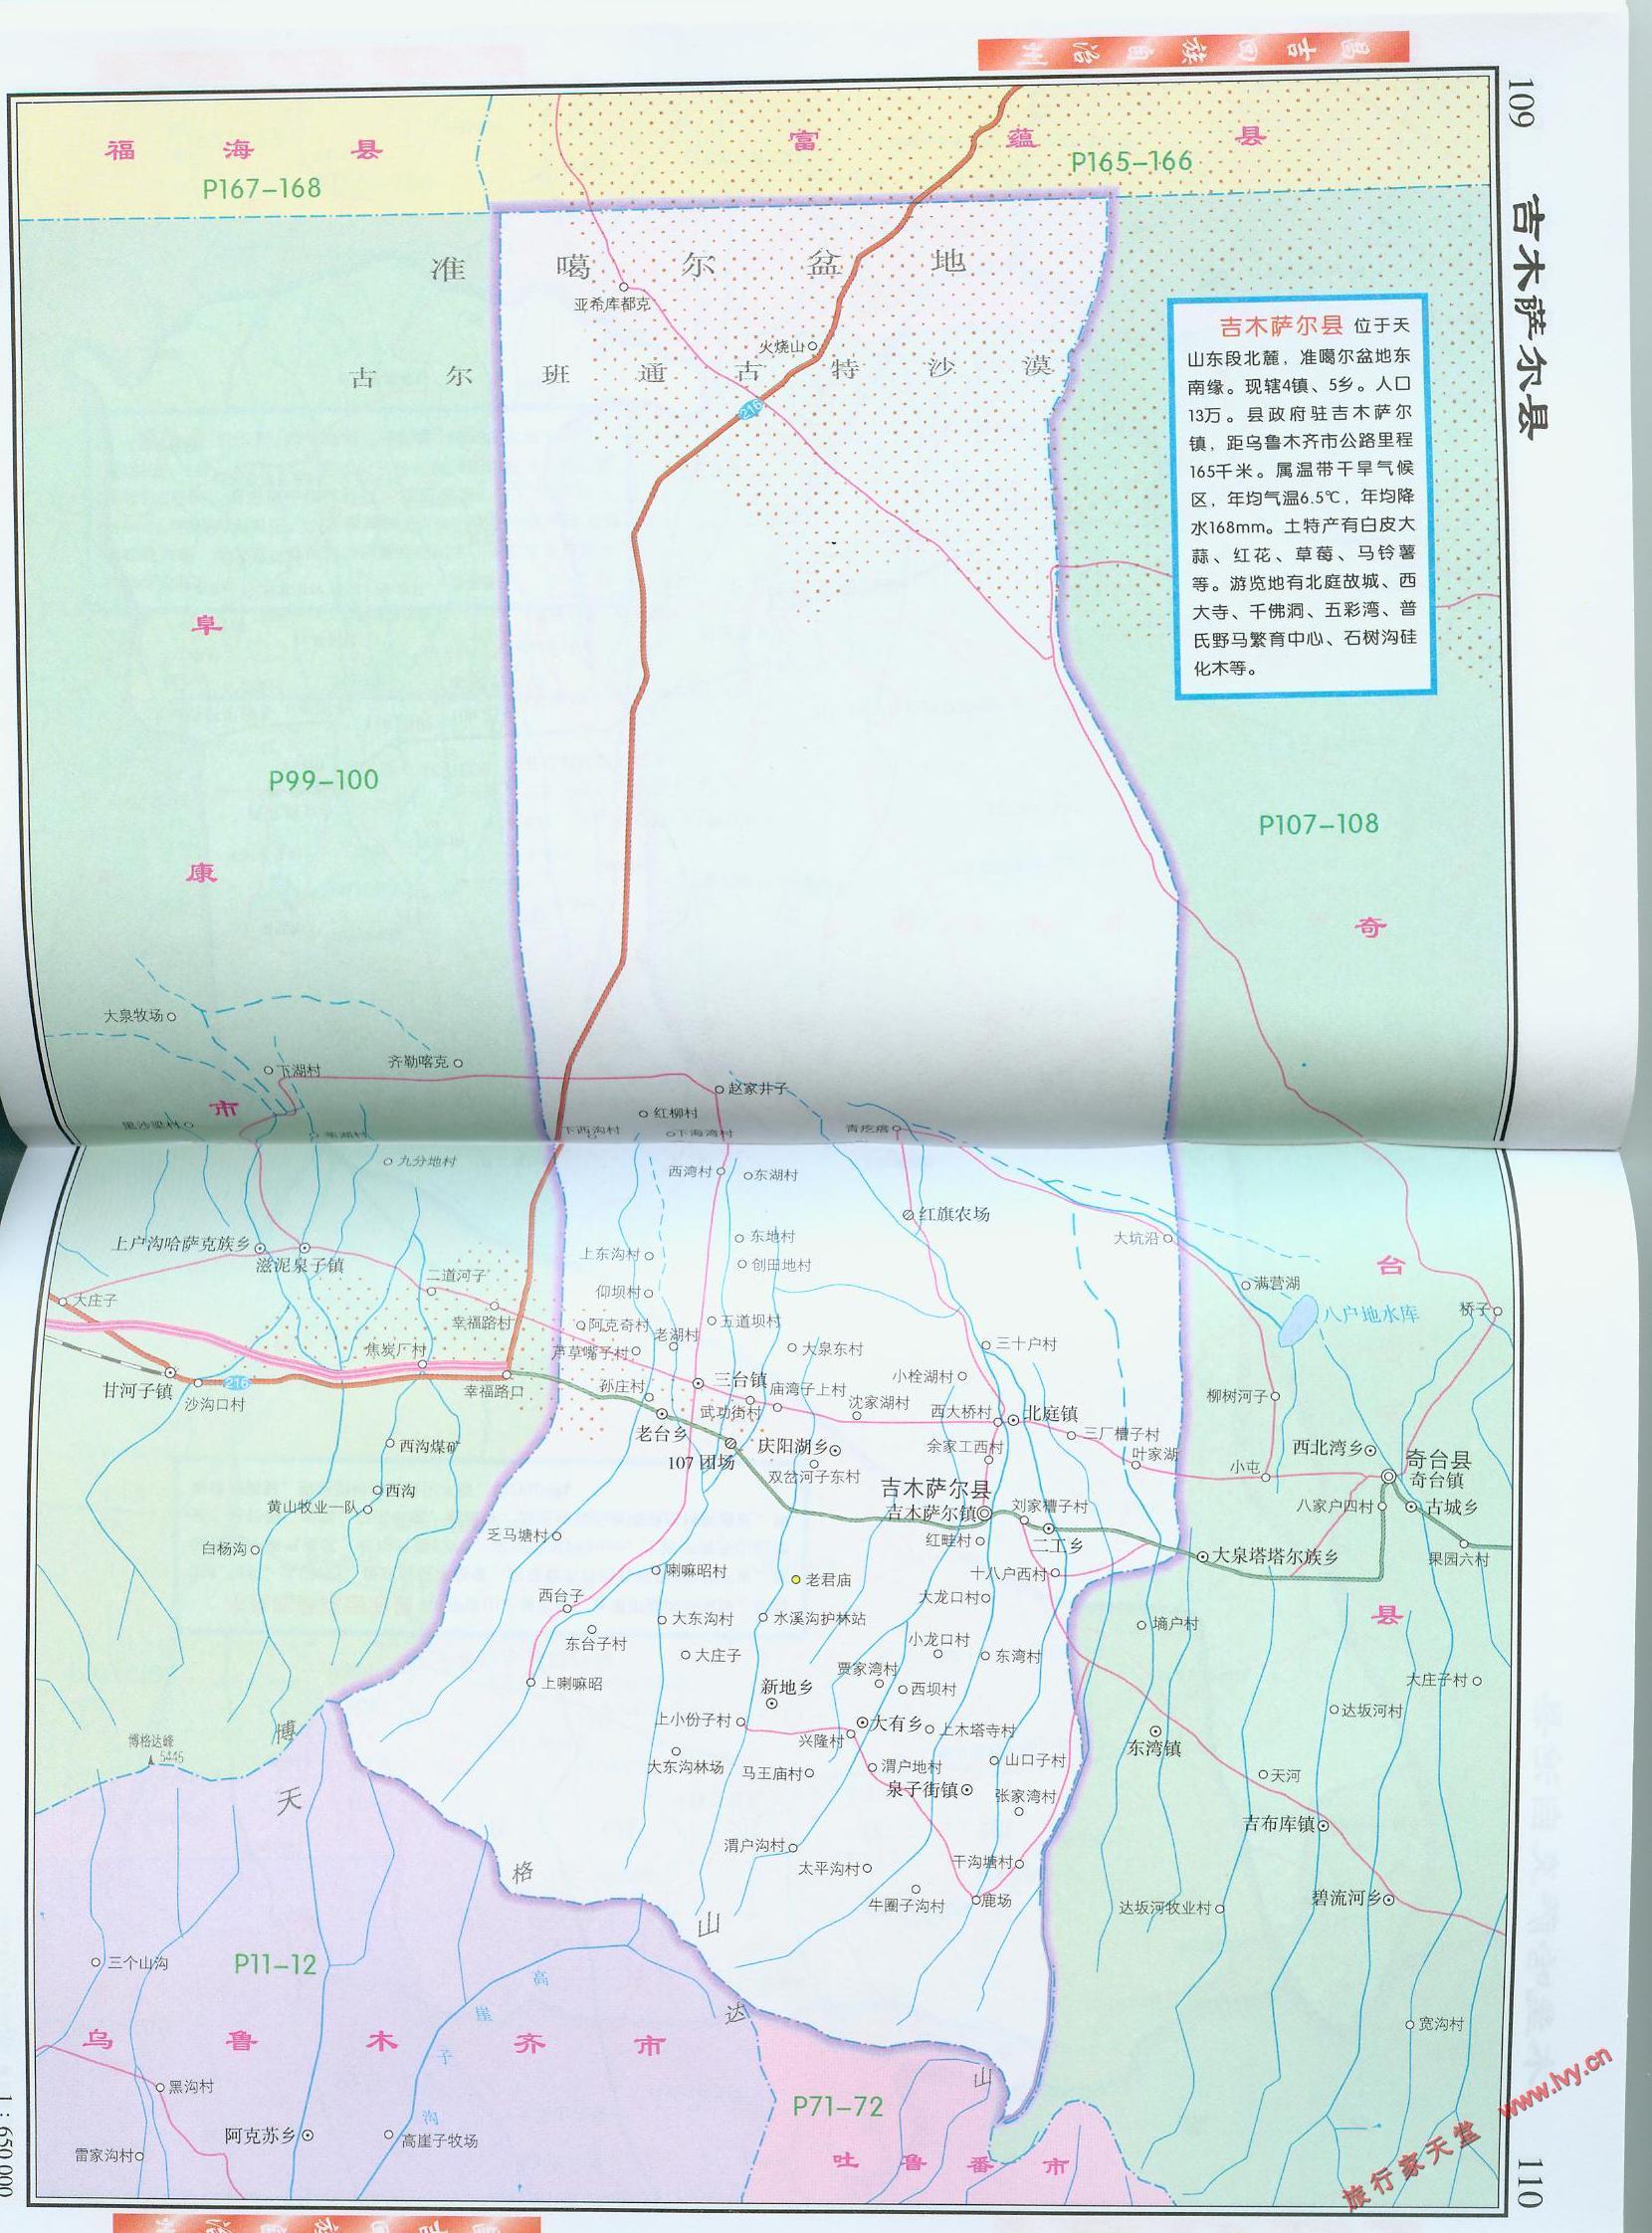 吉木萨尔县地图高清版